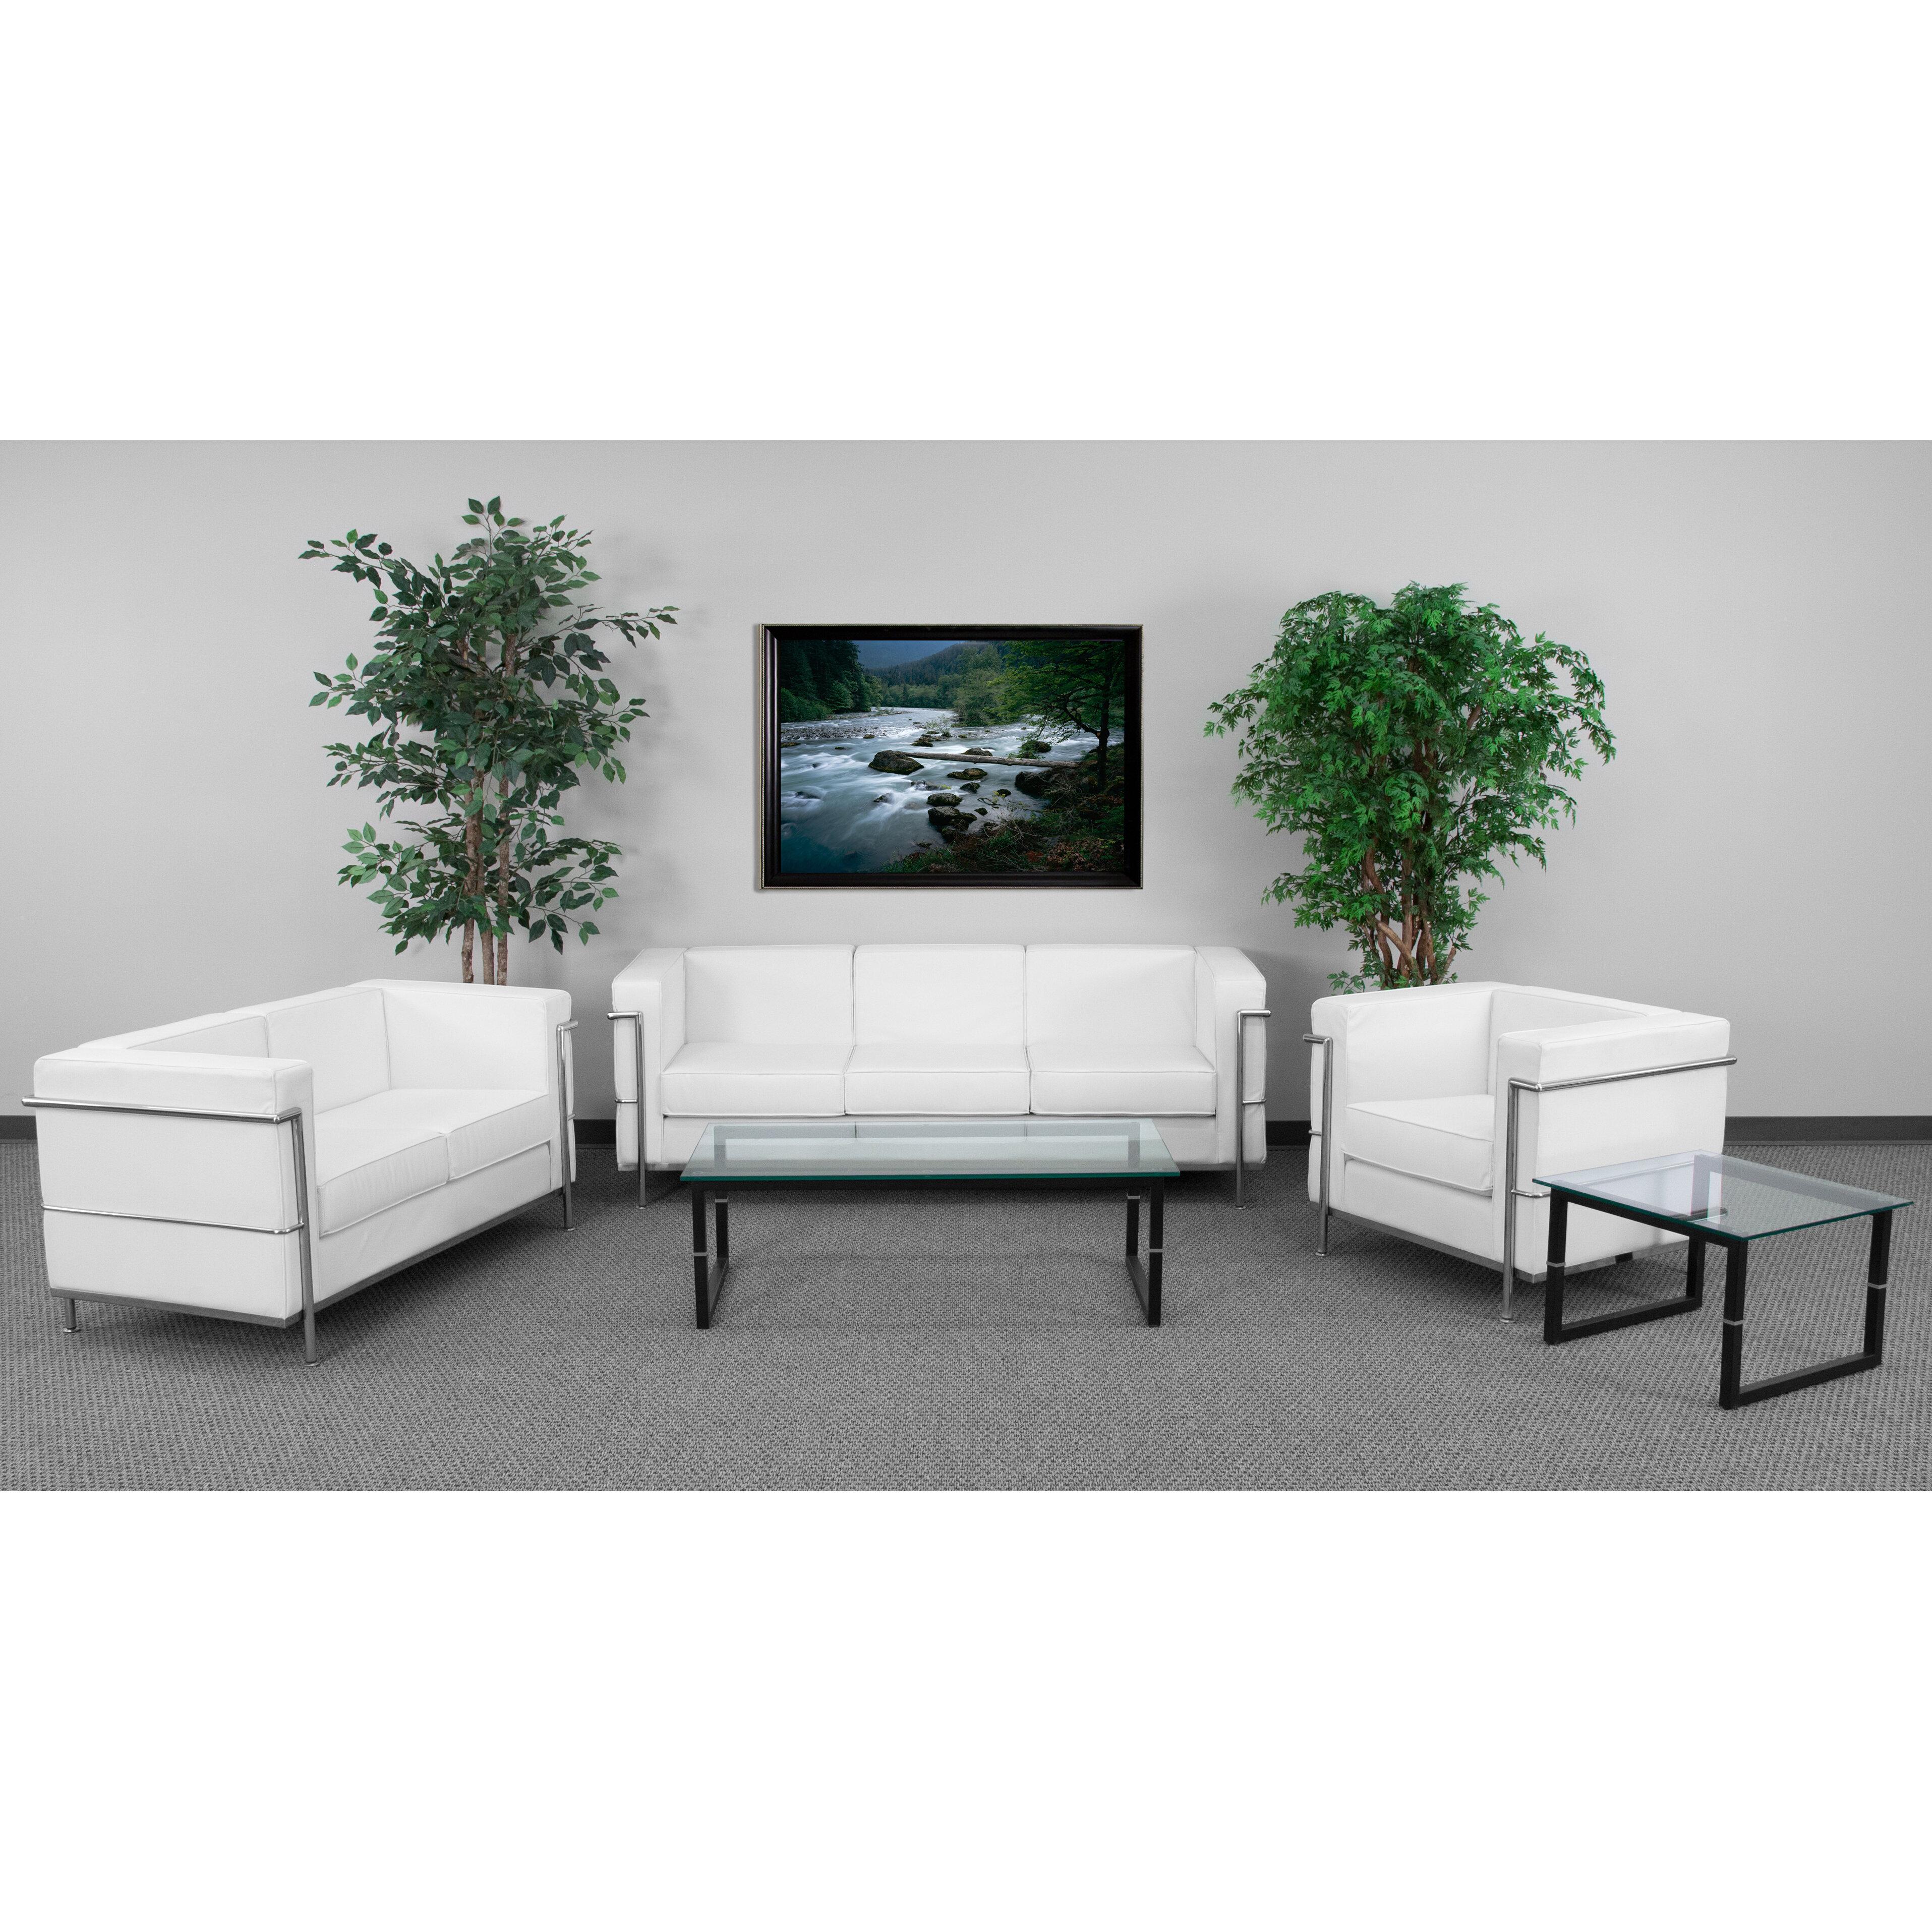 Demars 43 Piece Living Room Set